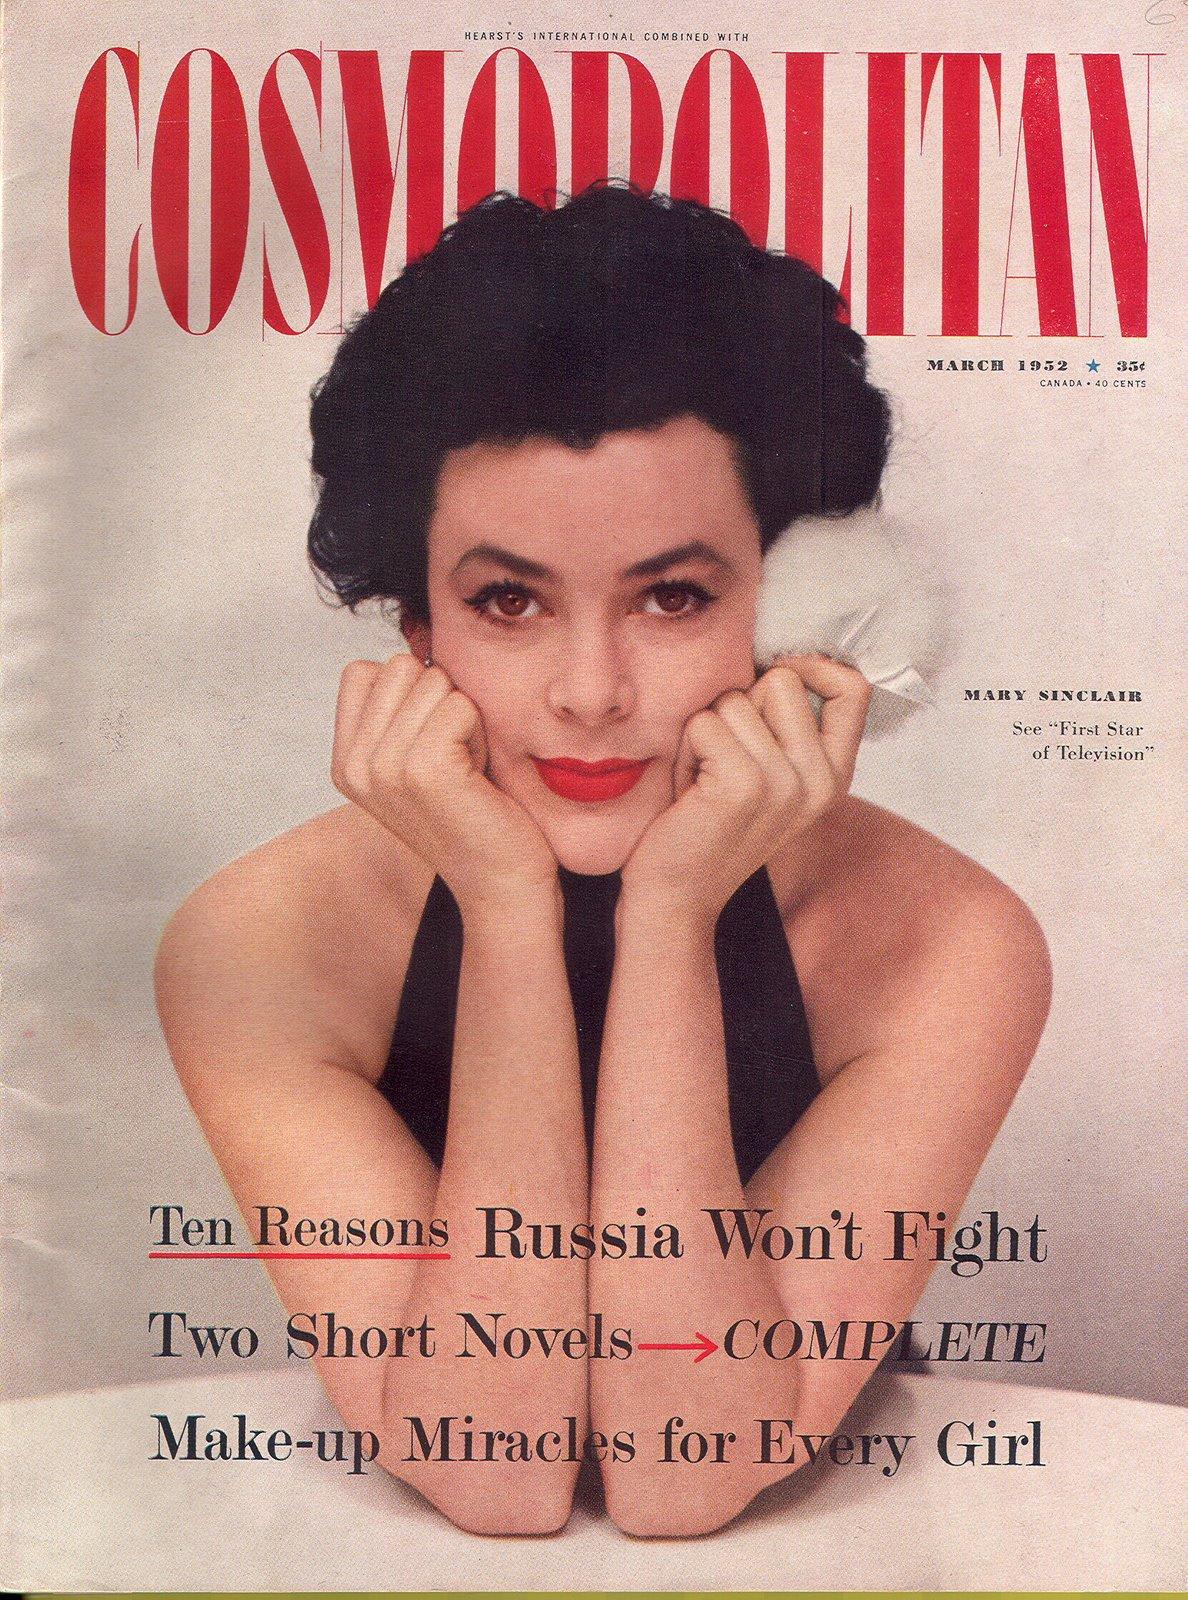 [Cosmopolitan1953Cover]